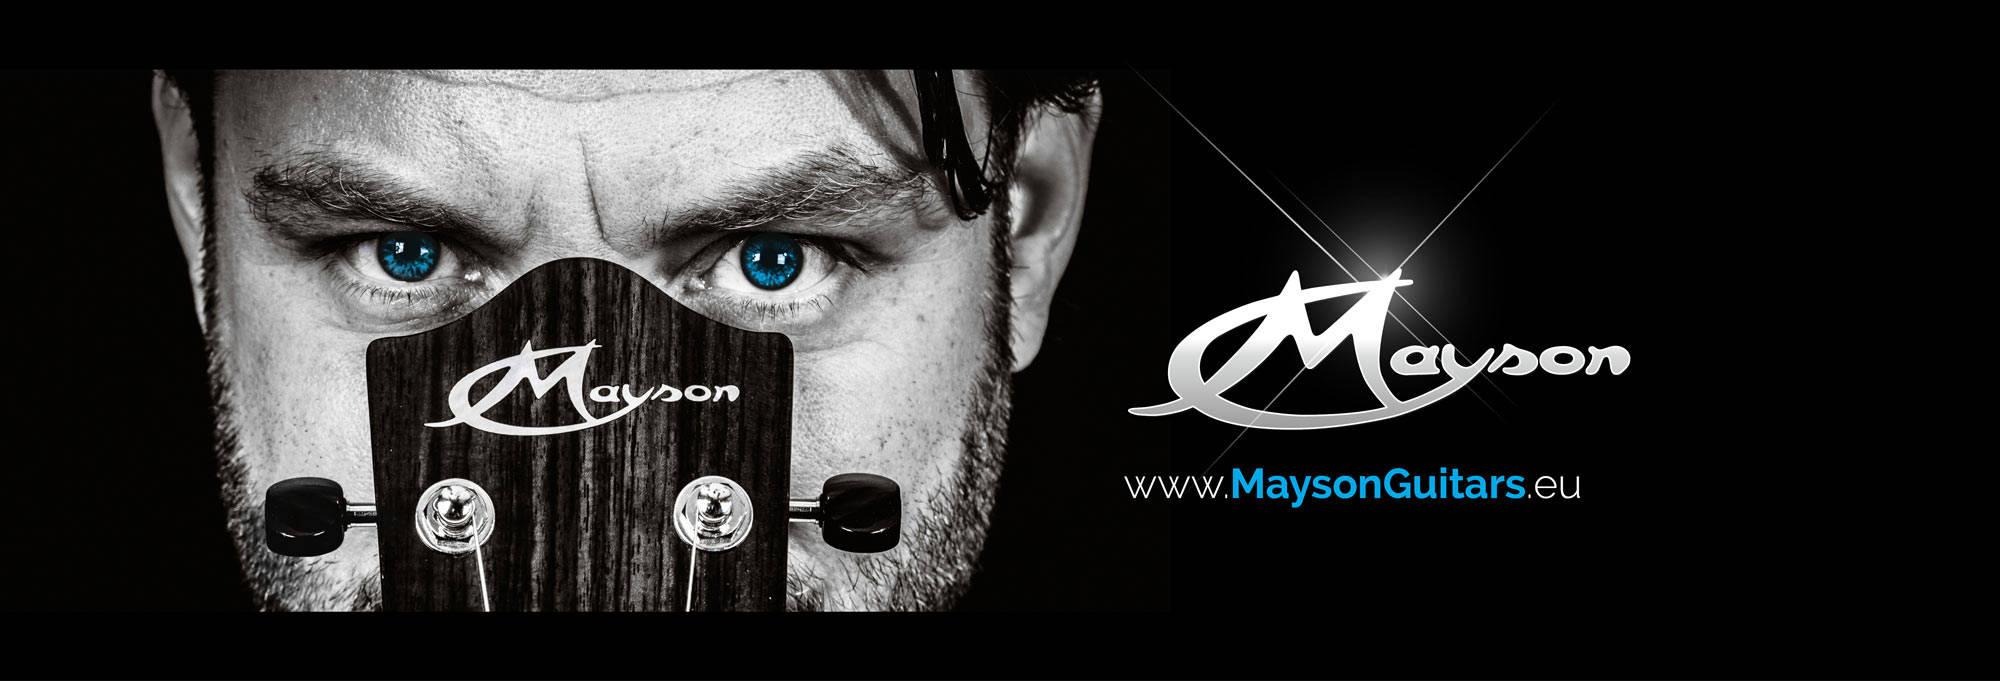 Mayson banner www.maysonguitars.eu